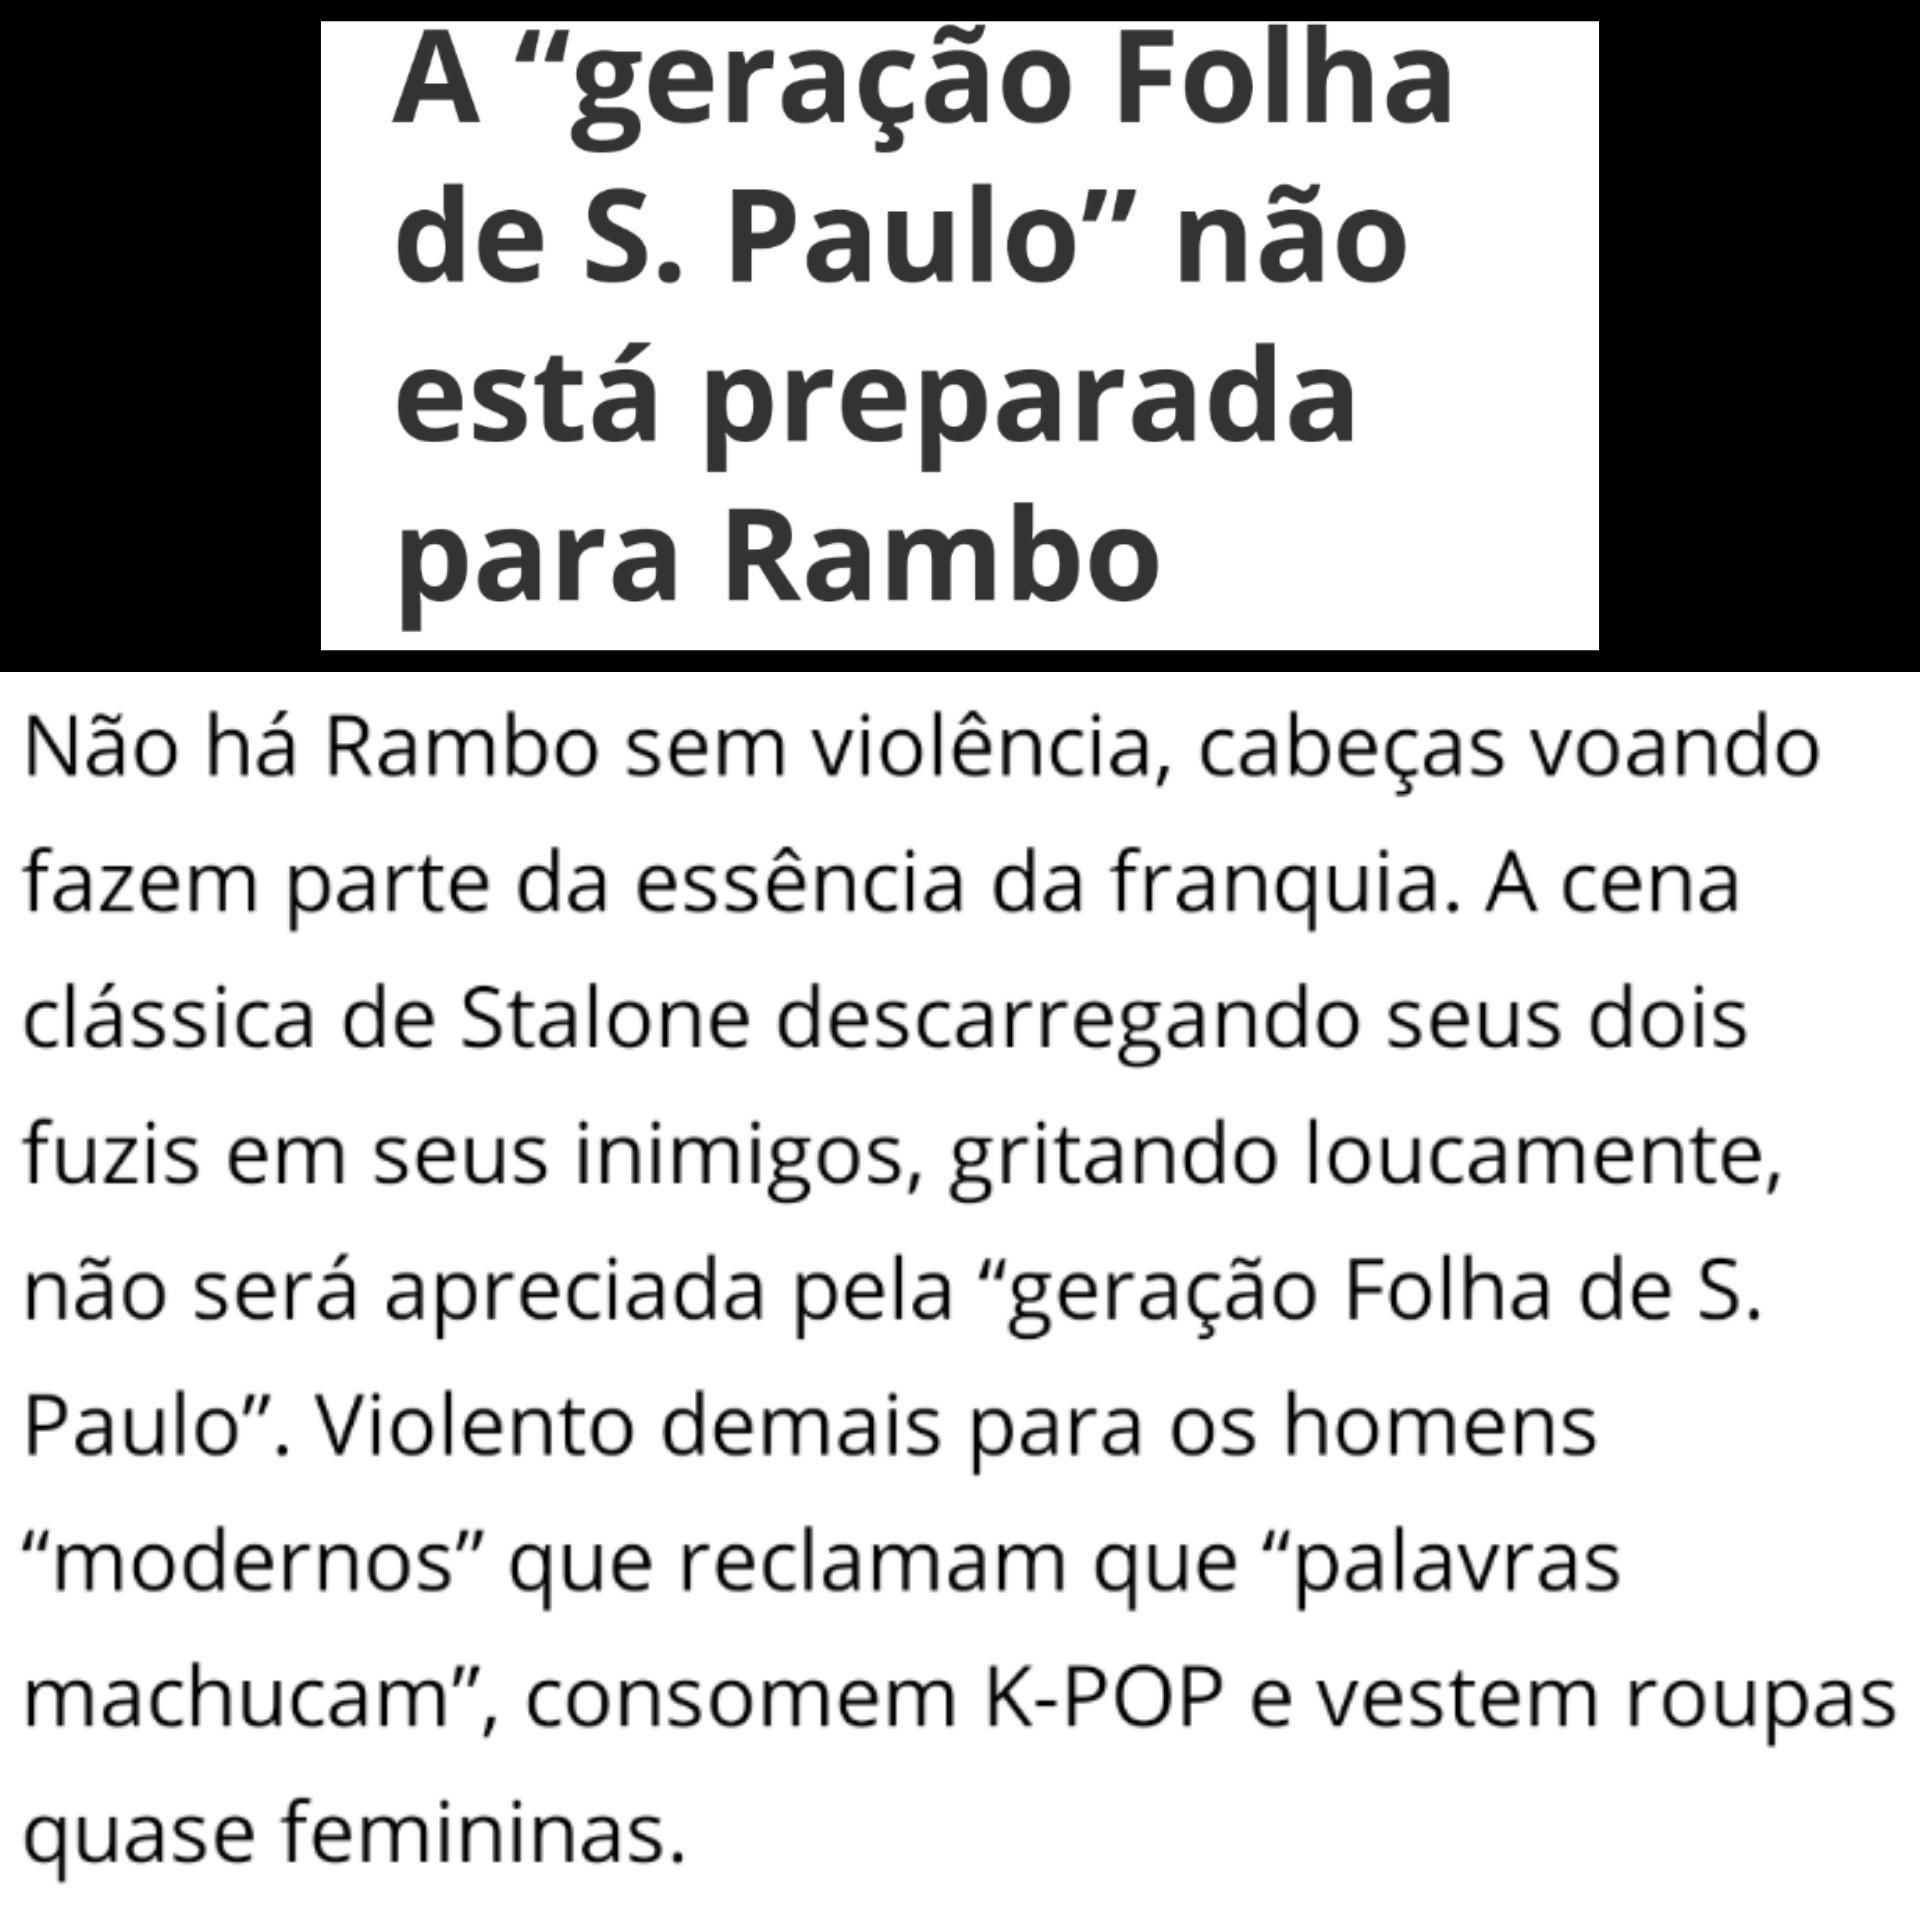 A geração Folha de São Paulo não sabe de nada!!! - meme